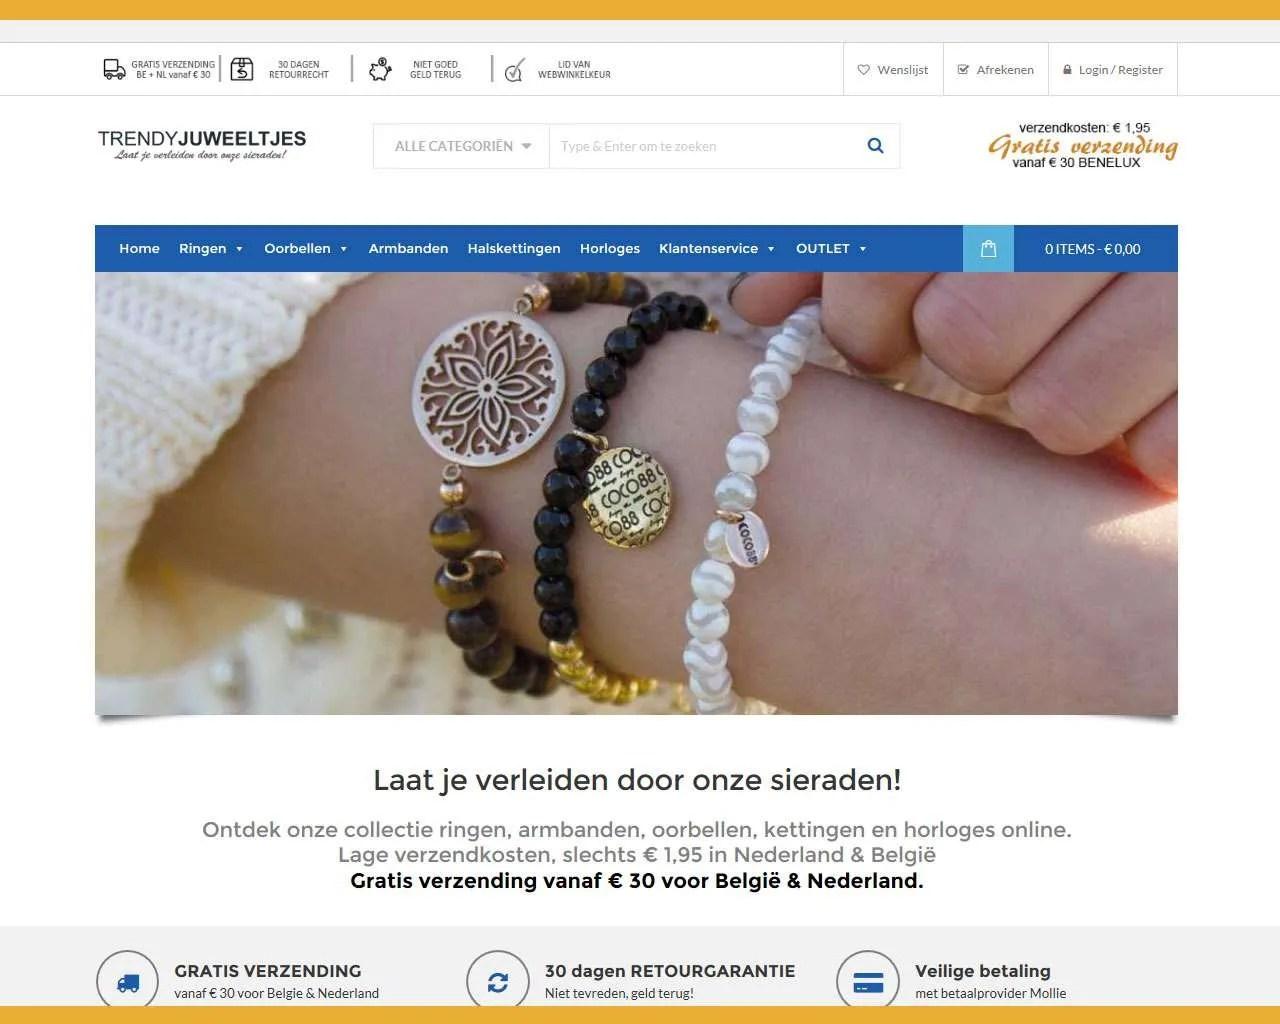 Buitengewoon heeft de webwinkel van Trendy Juweeltjes geproduceerd.